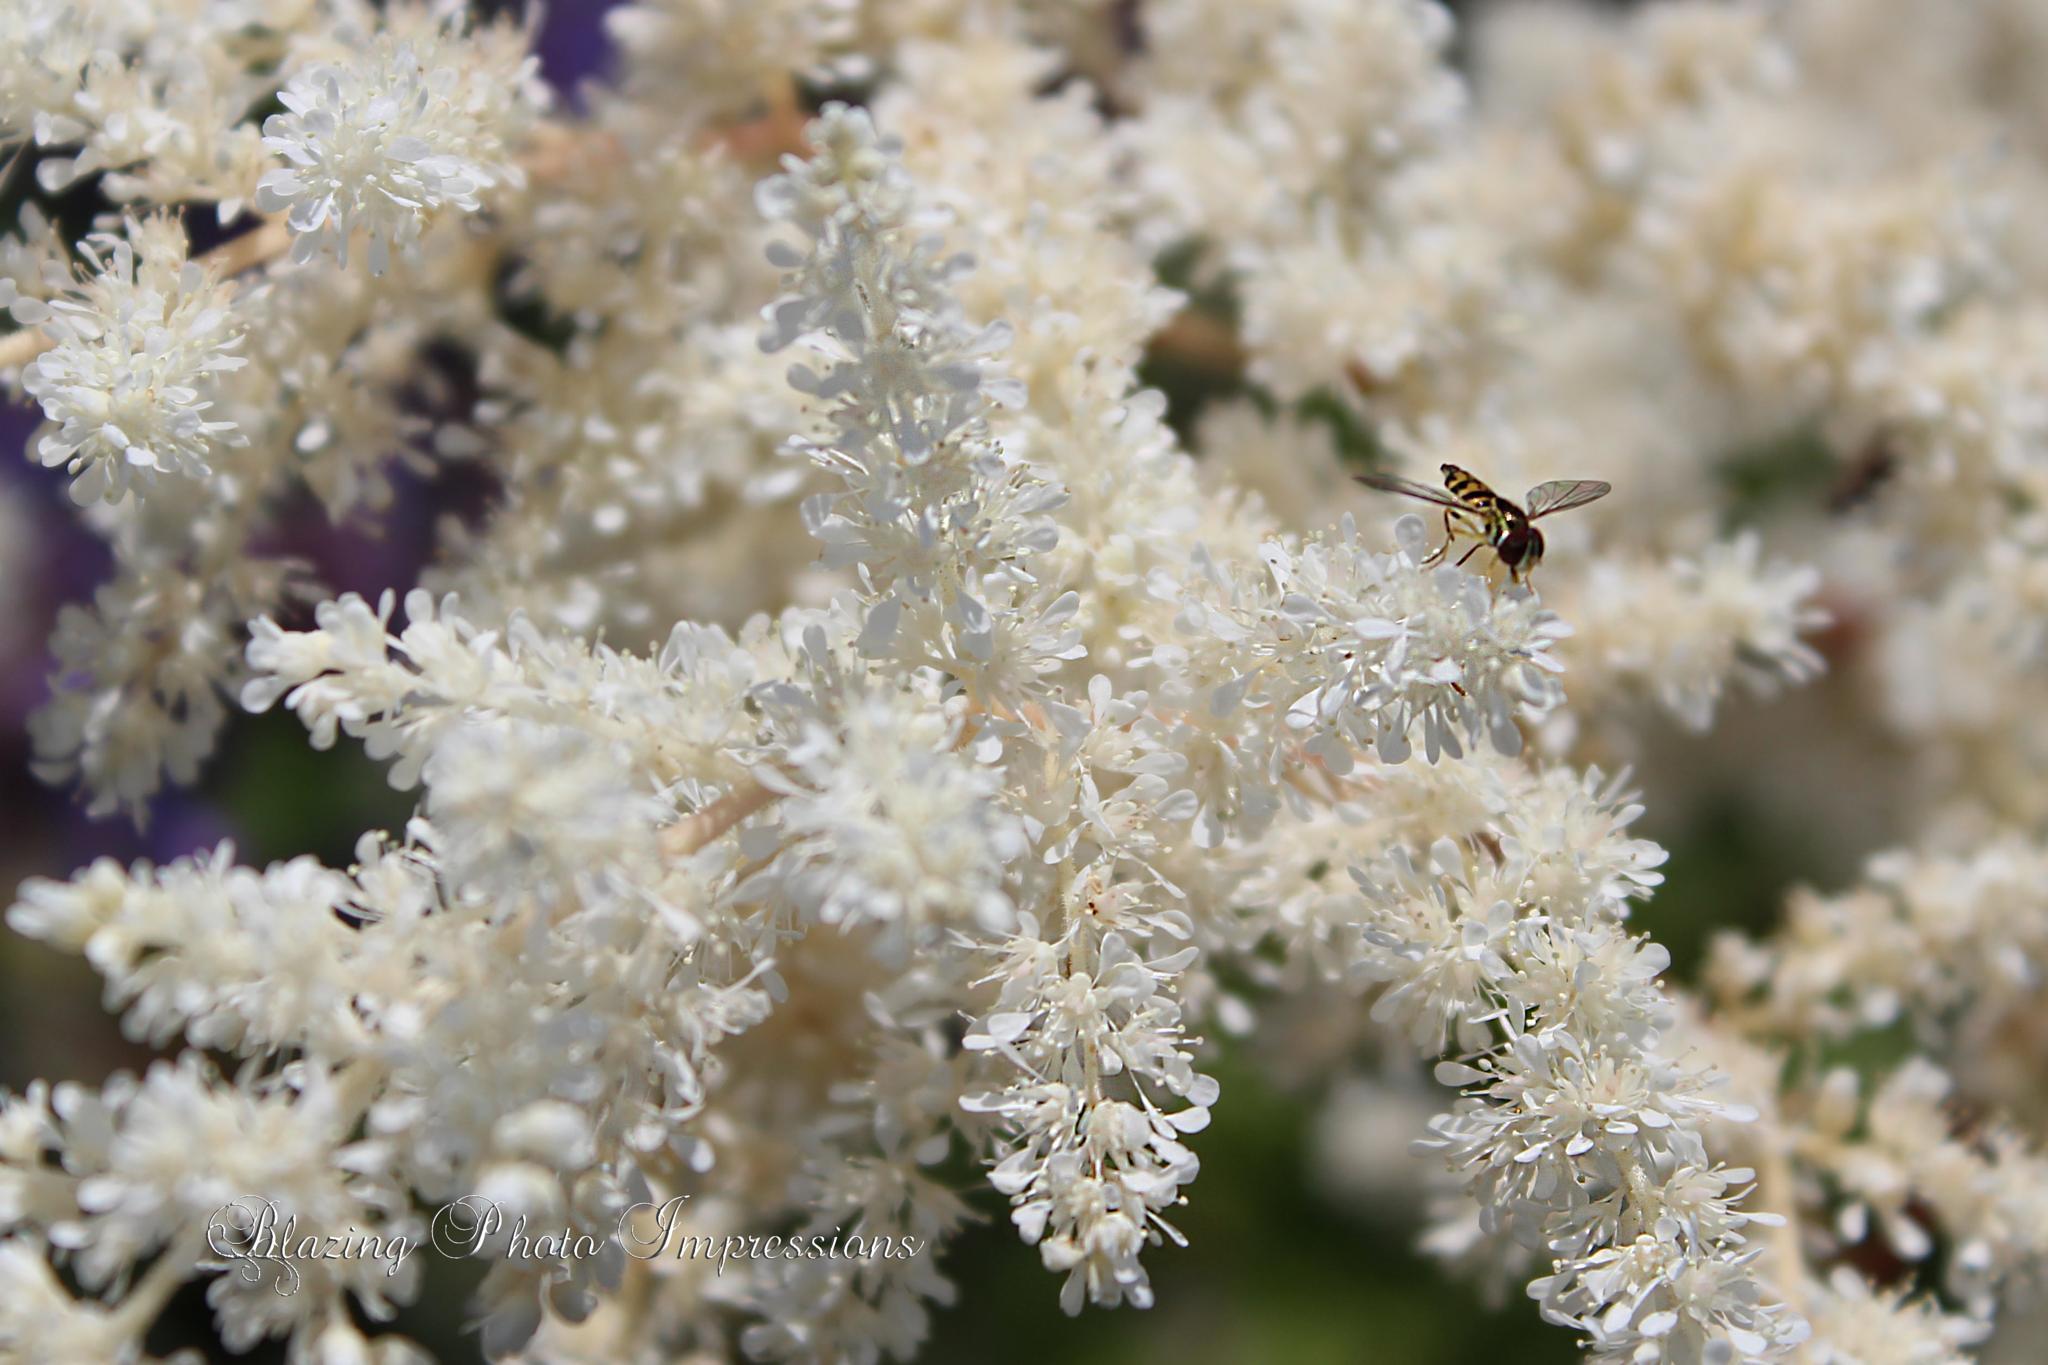 Bee Quiet by Nanehi Moon